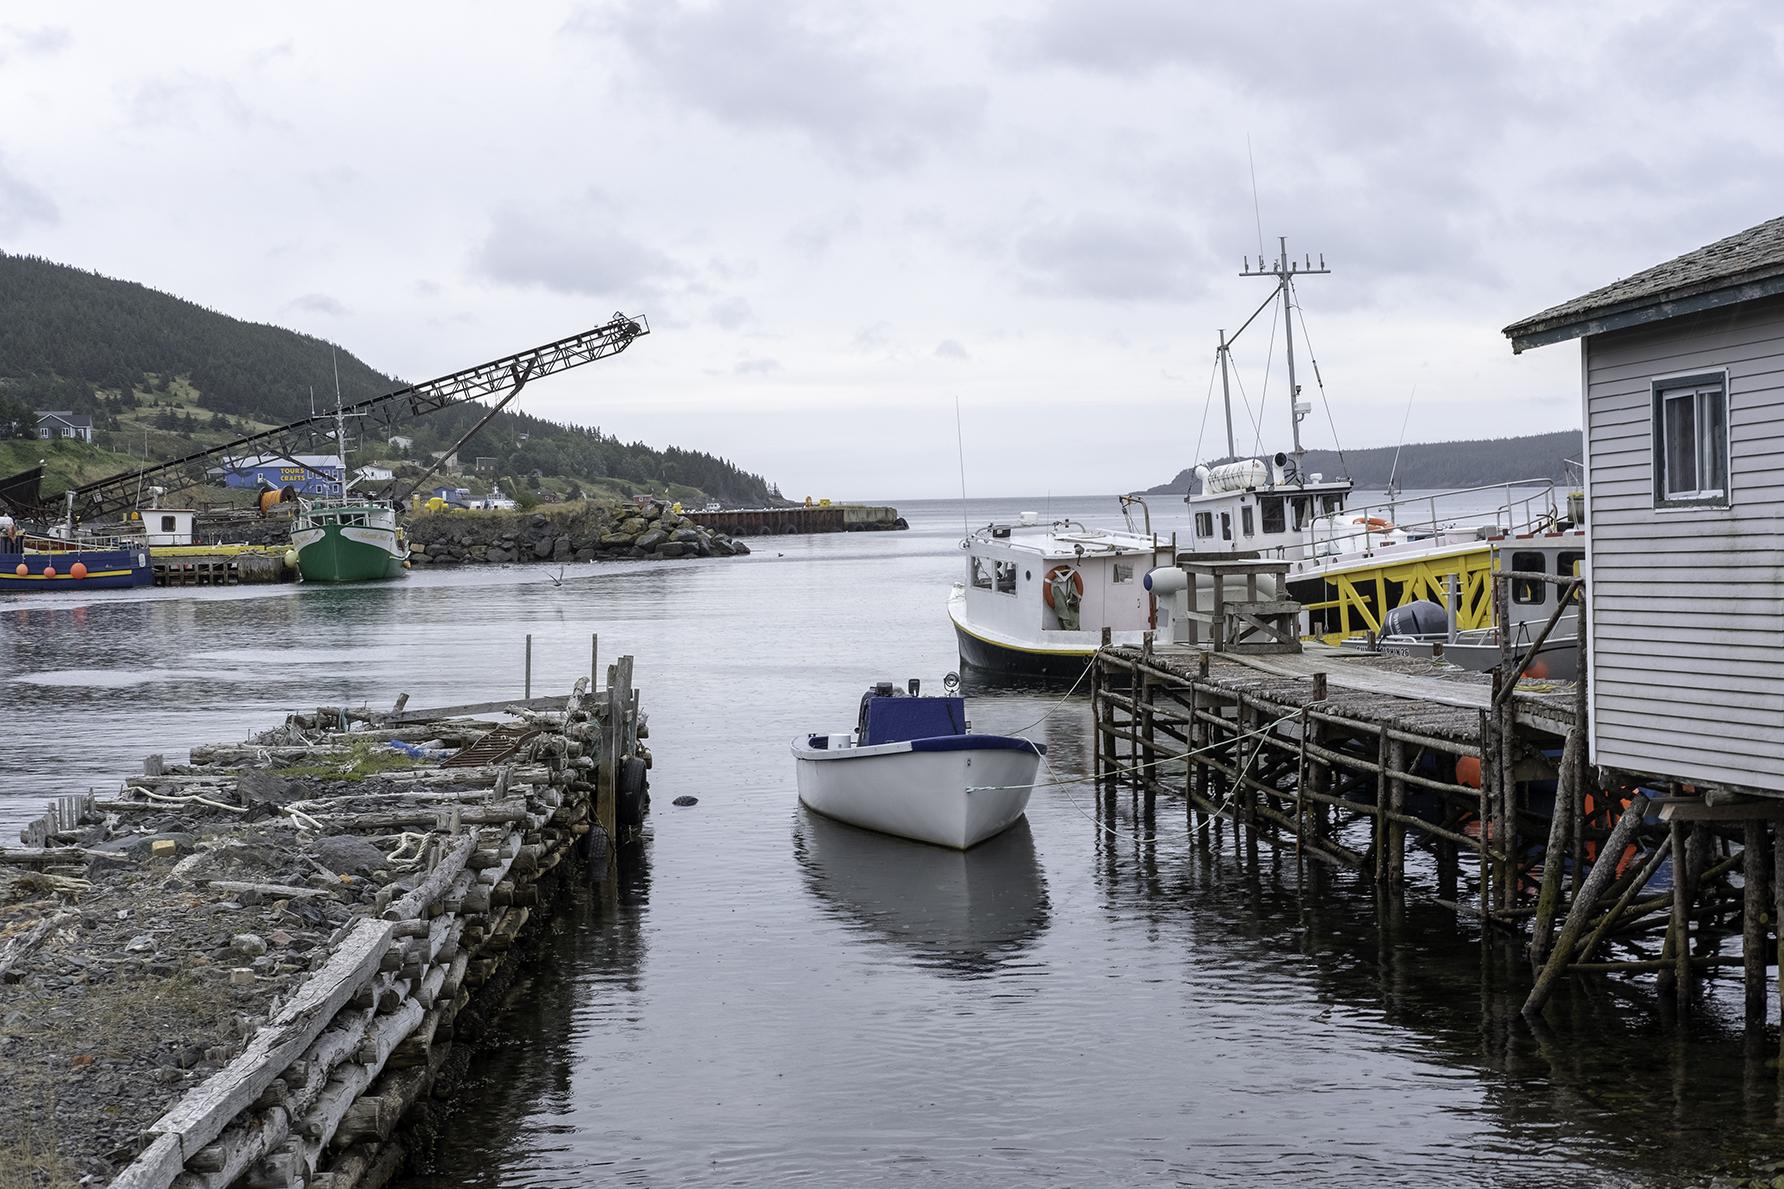 JodiLove_Baybull_Newfoundland_Canada1.jpg